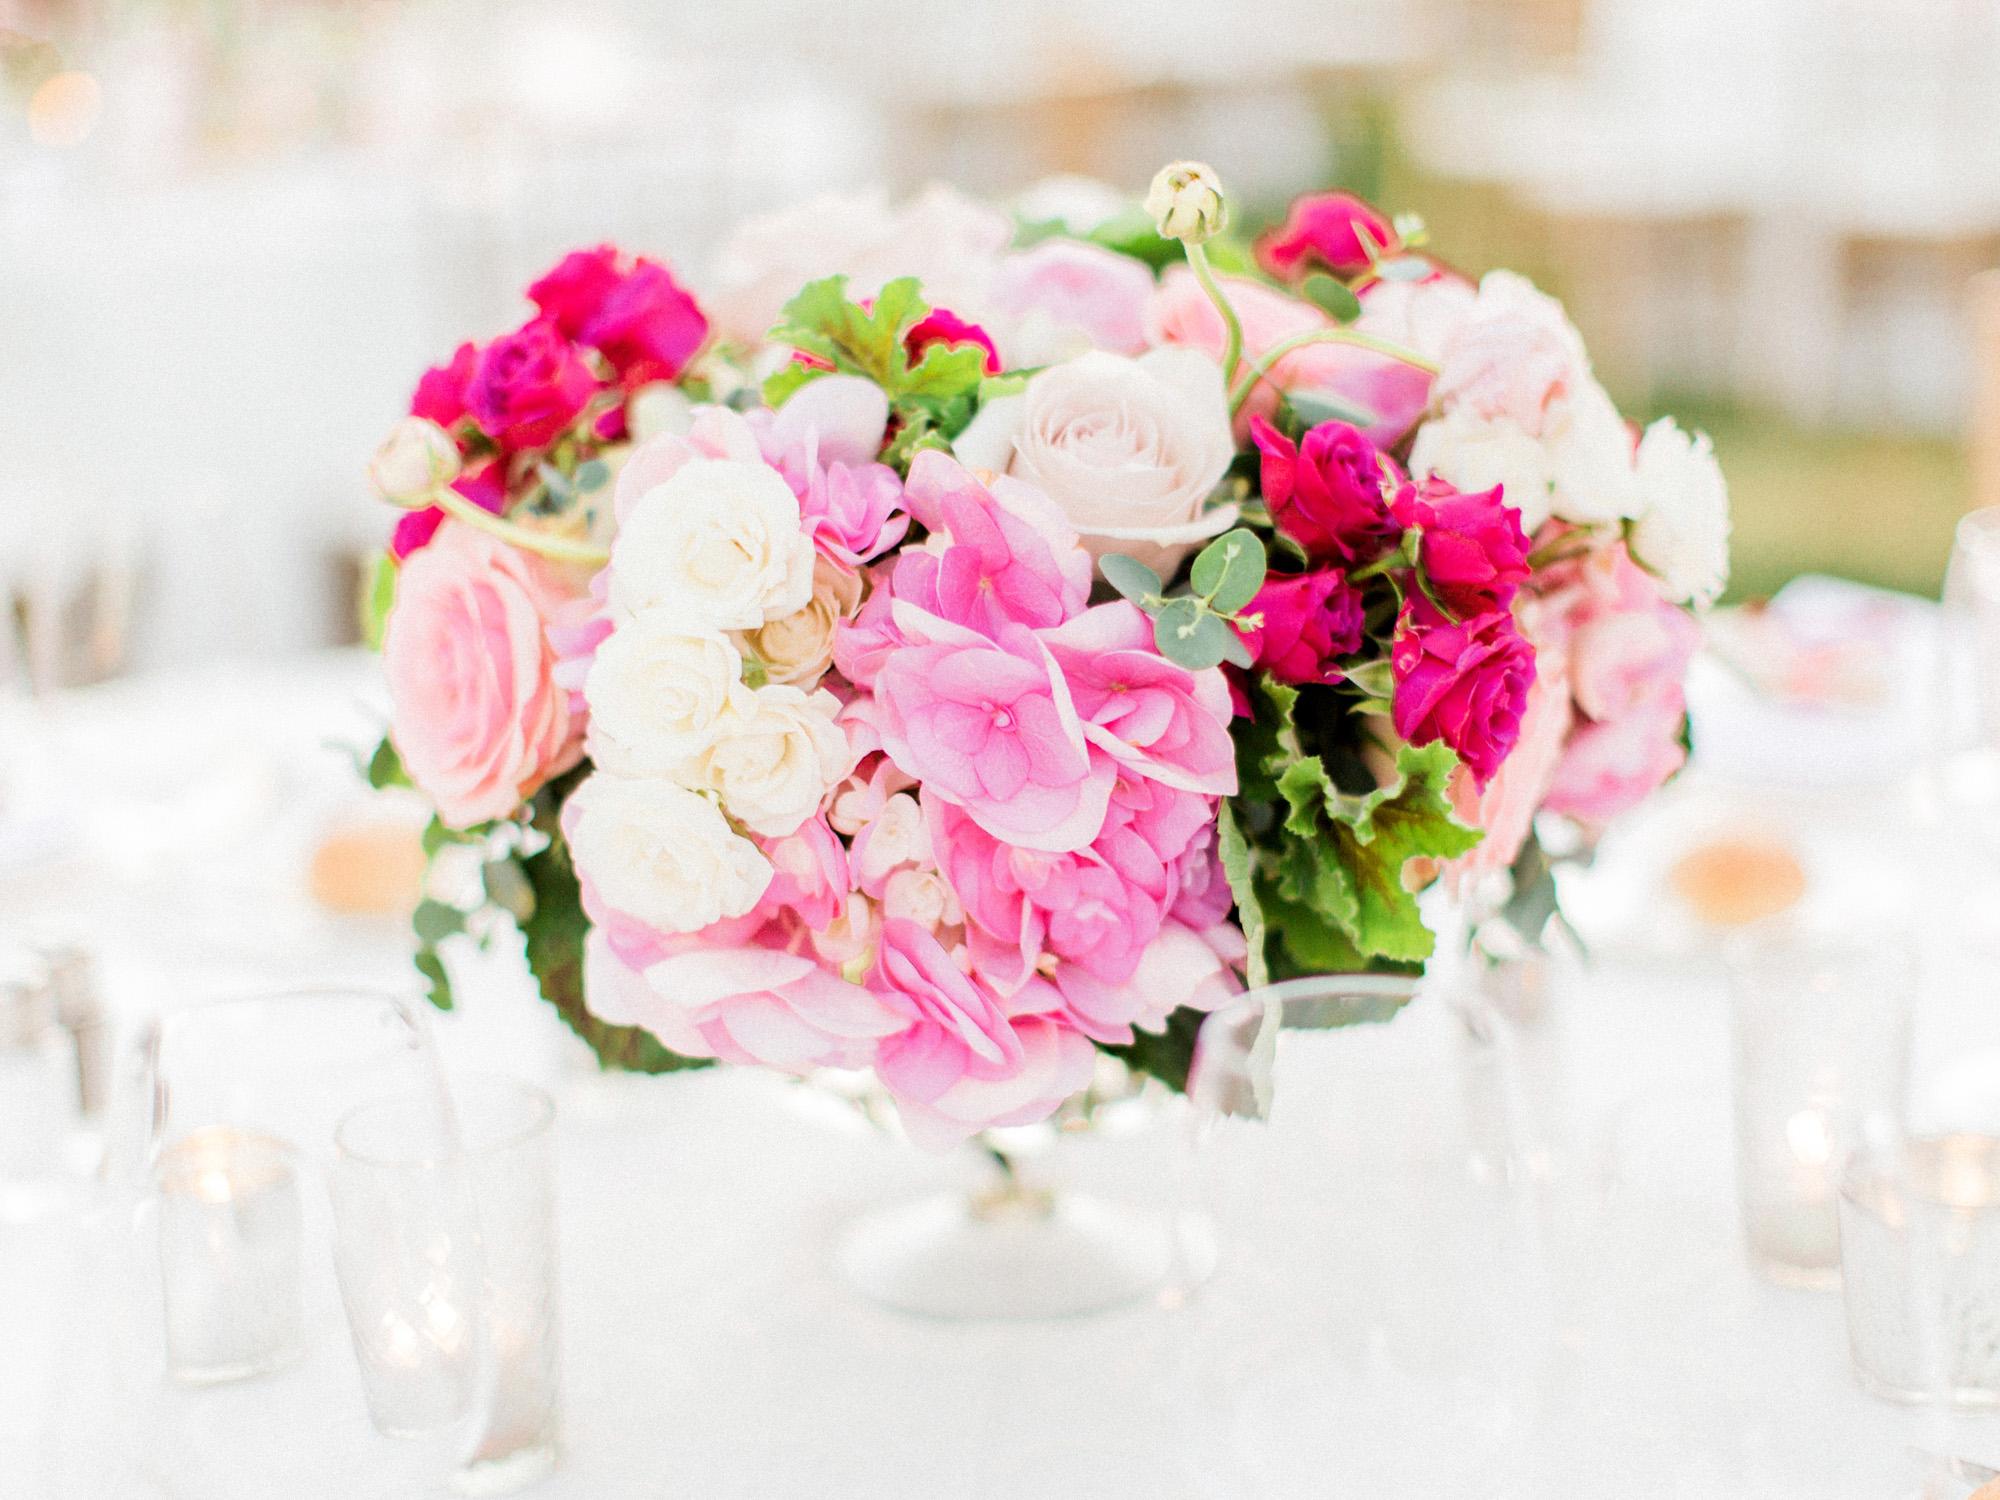 The flower studio arizona greene 150g izmirmasajfo